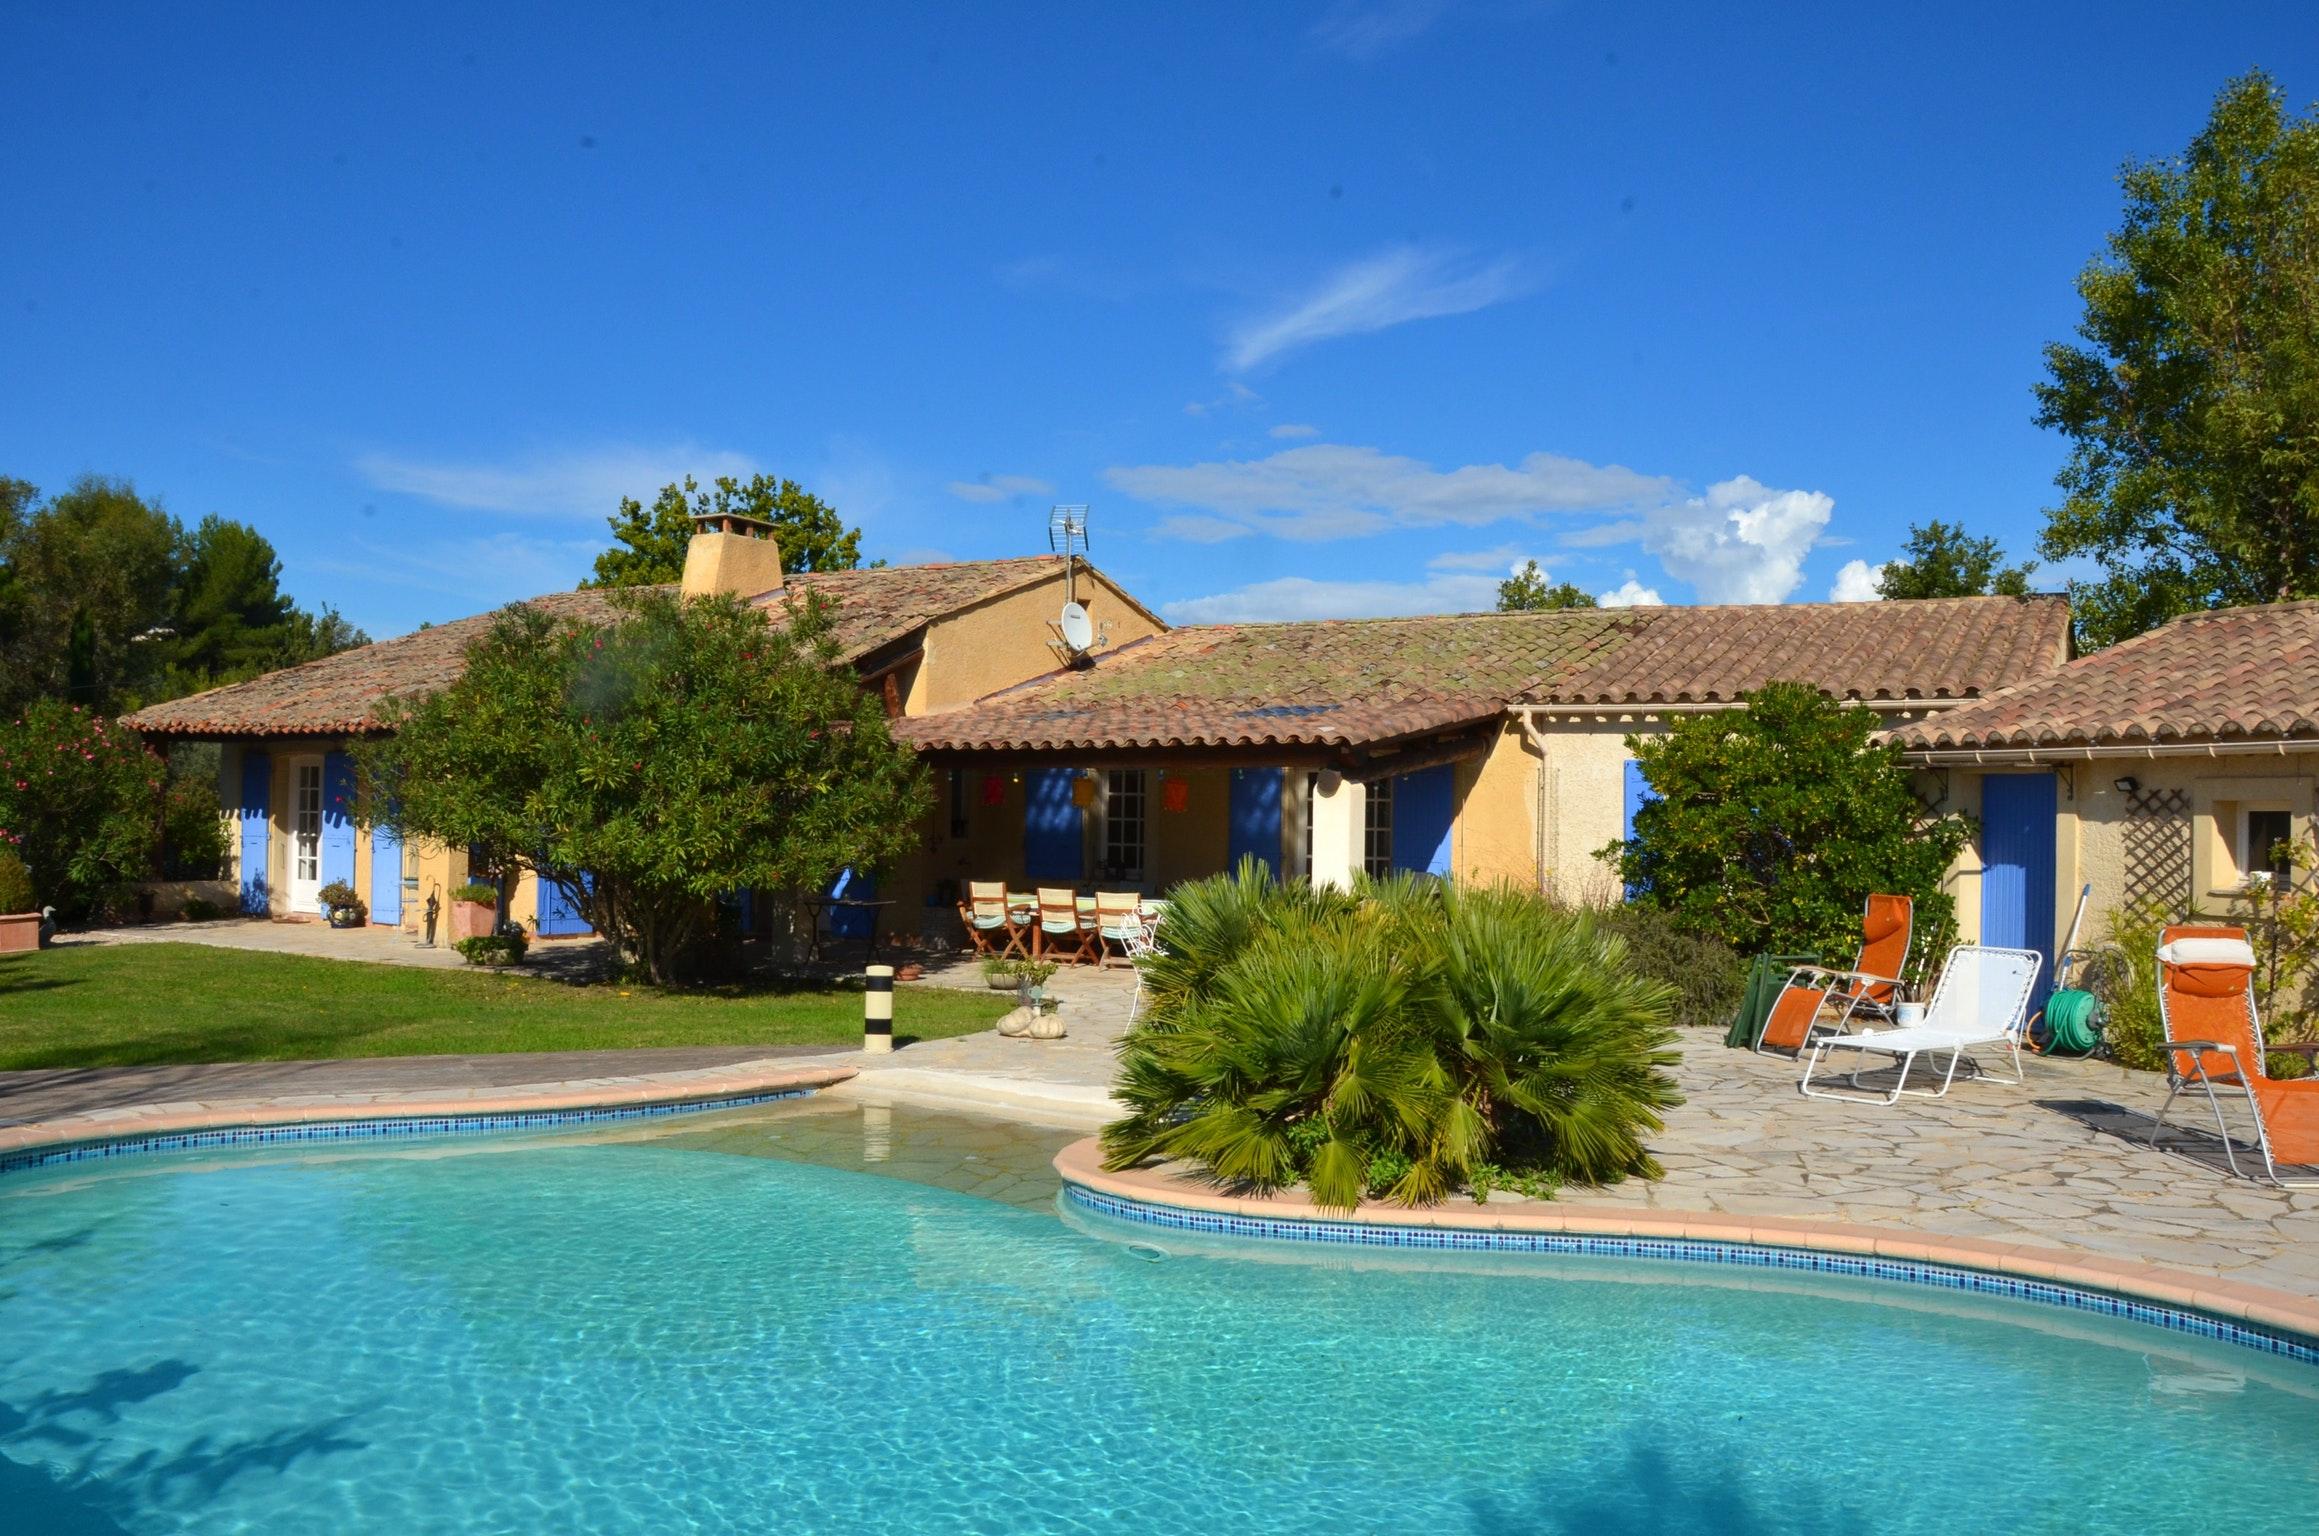 Ferienhaus Villa mit 4 Schlafzimmern in Pernes-les-Fontaines mit toller Aussicht auf die Berge, priva (2519446), Pernes les Fontaines, Saône-et-Loire, Burgund, Frankreich, Bild 1